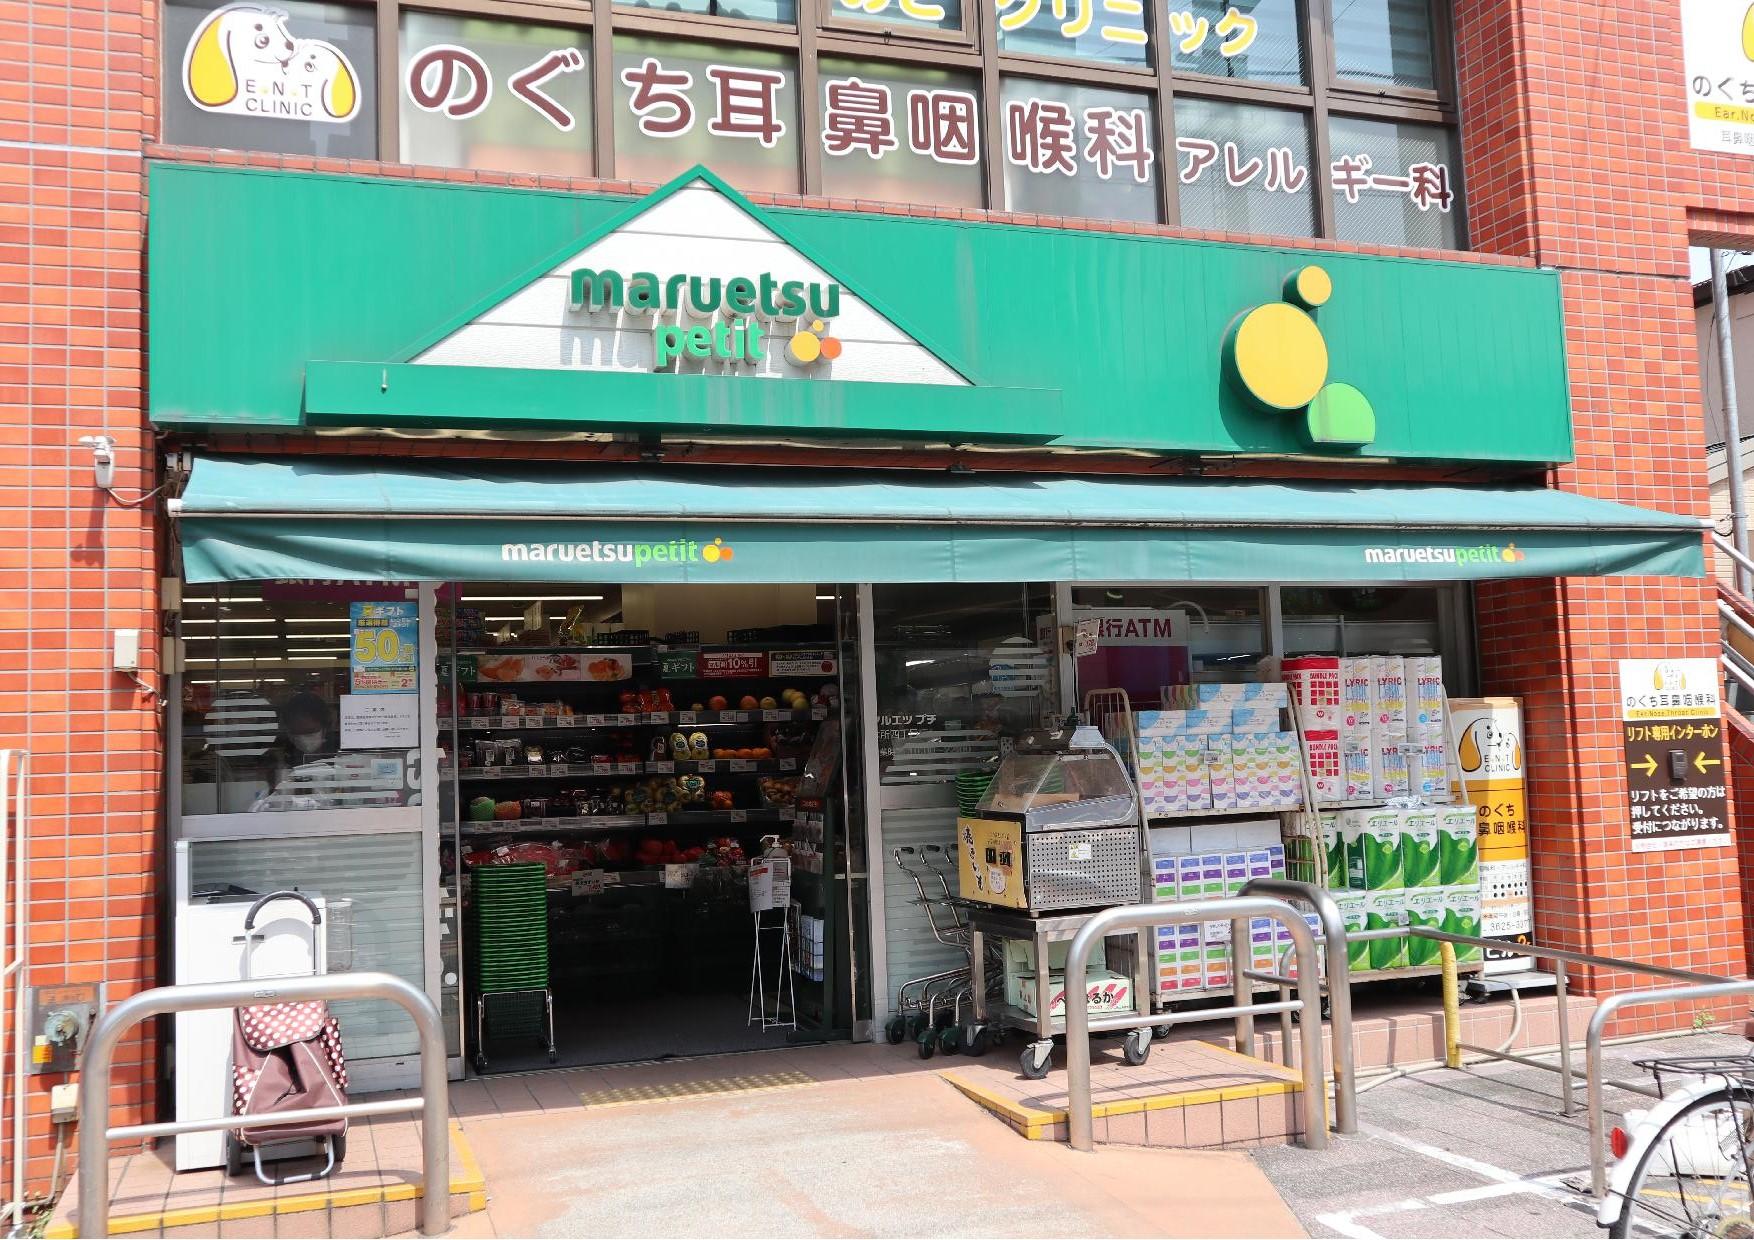 スーパー:maruetsu(マルエツ) プチ 本所四丁目店 897m